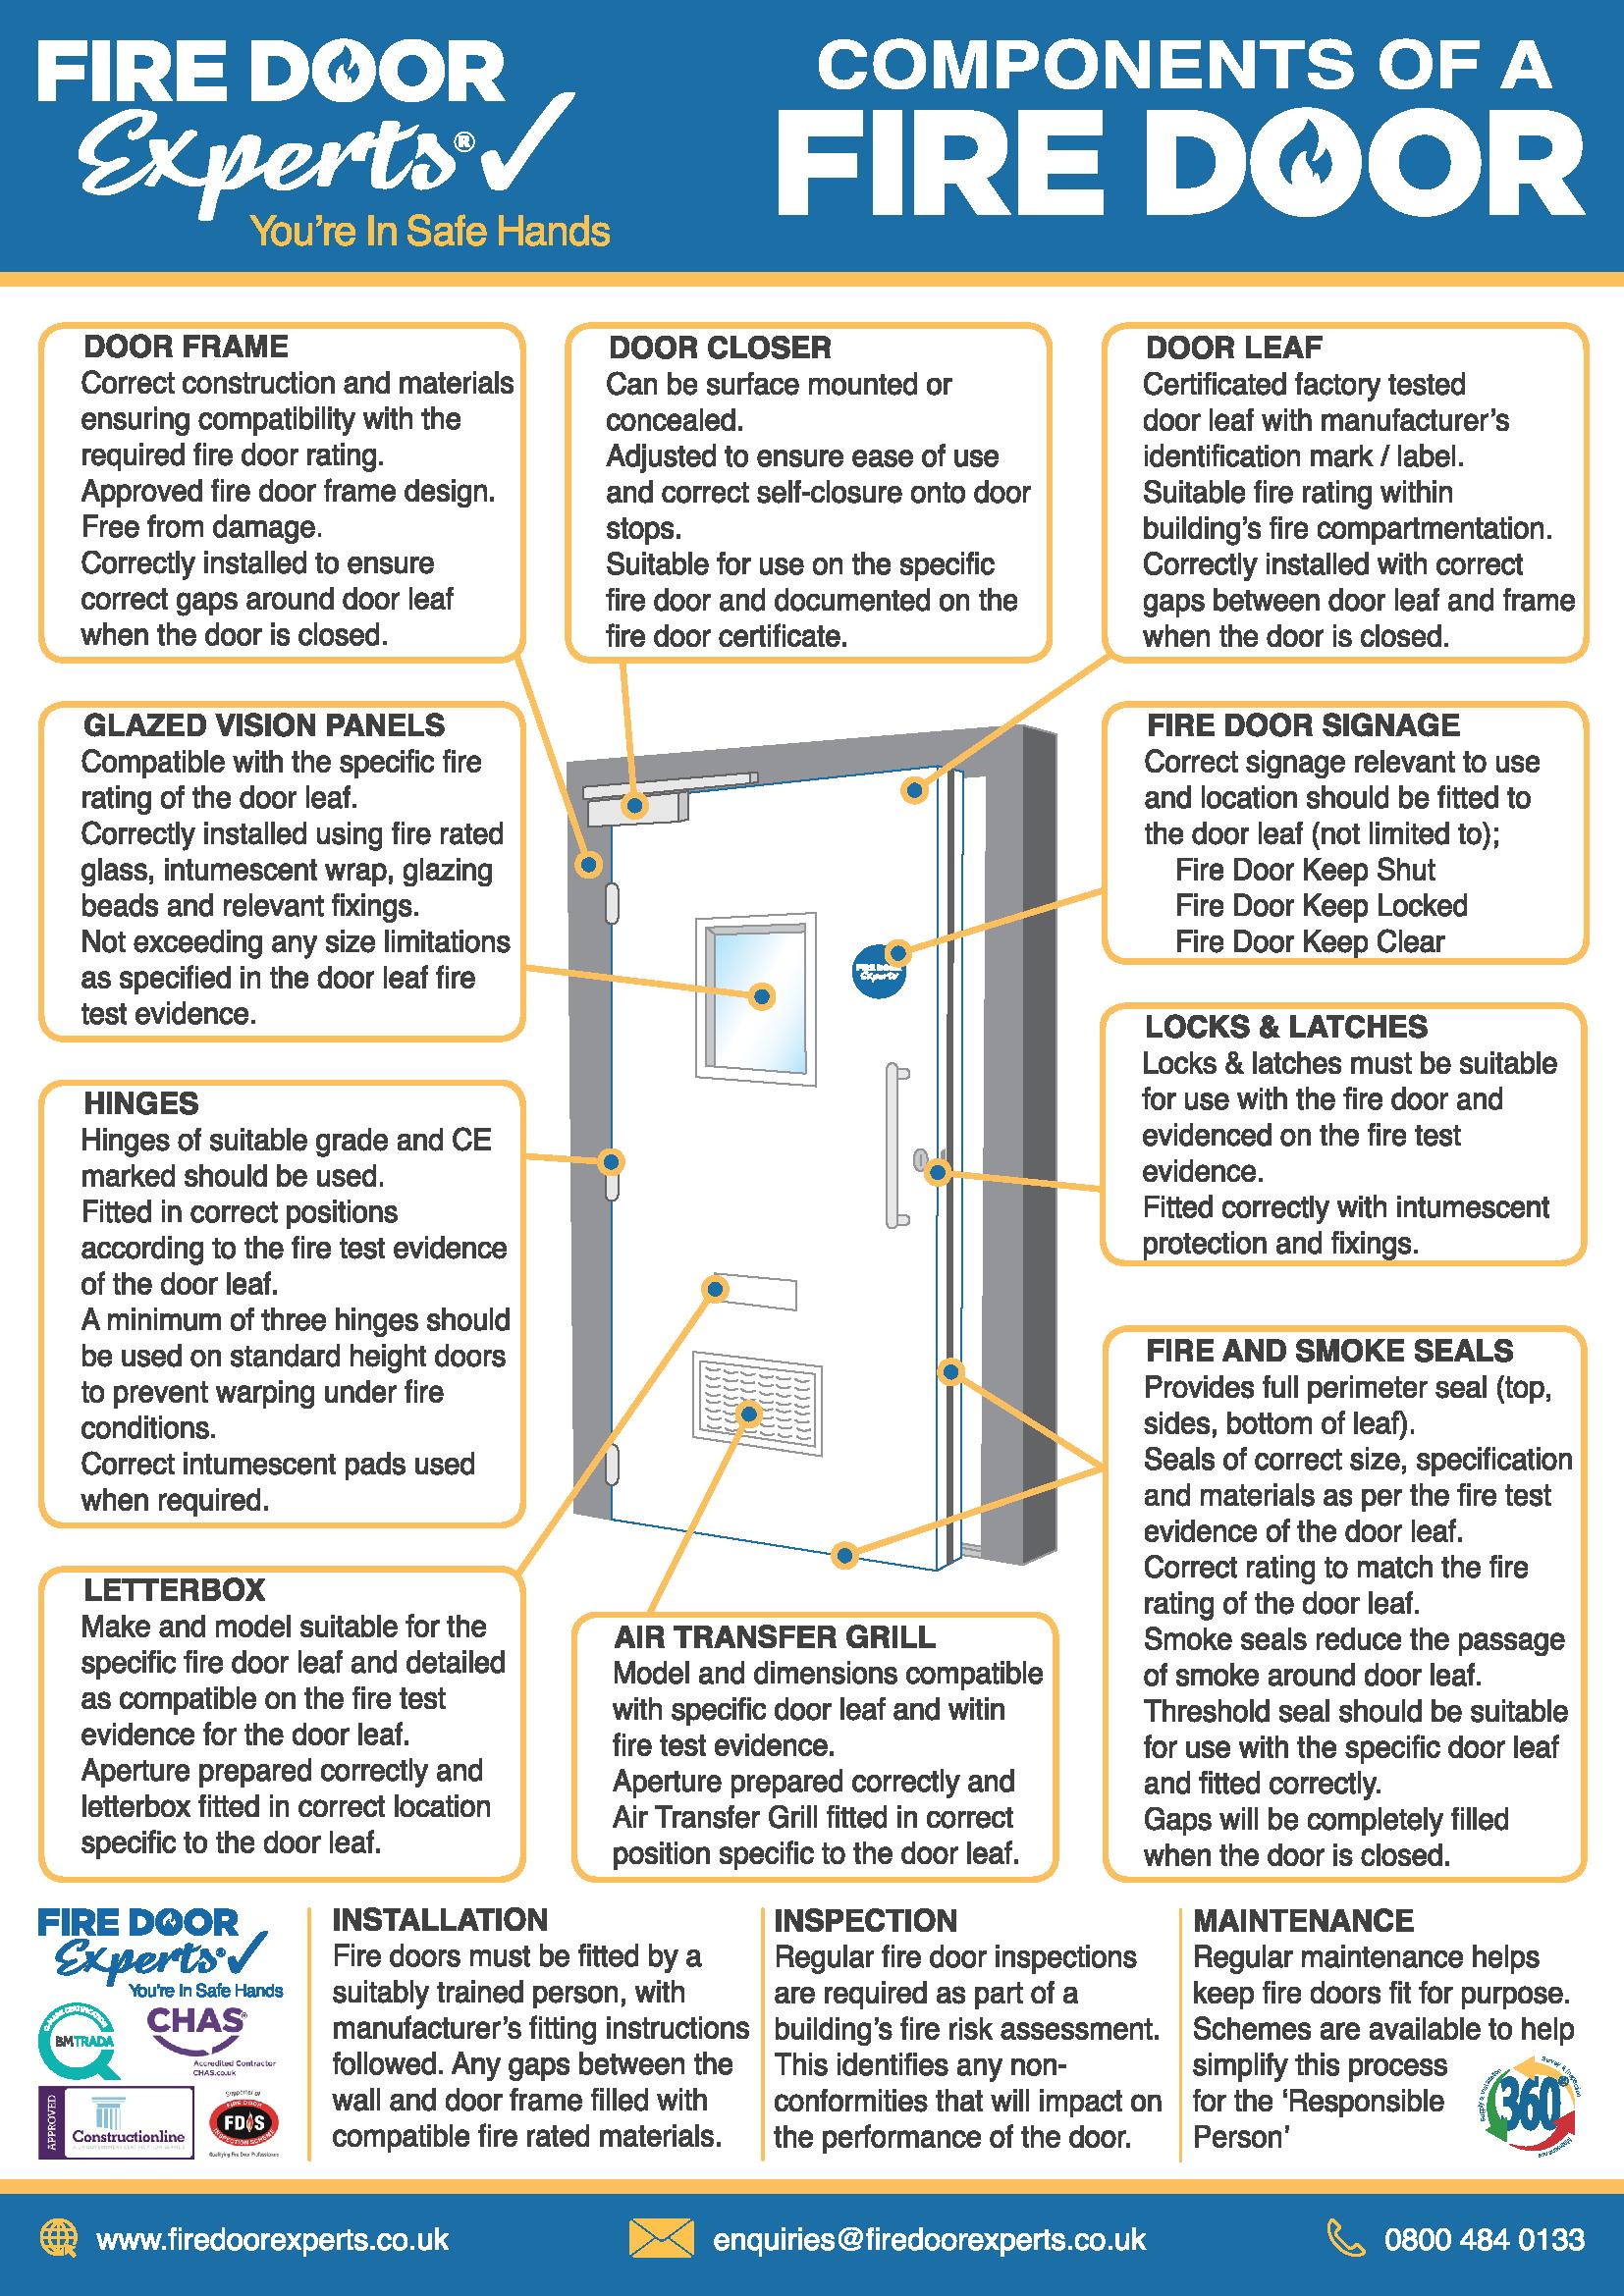 Fire Door Experts - Components Of A Fire Door